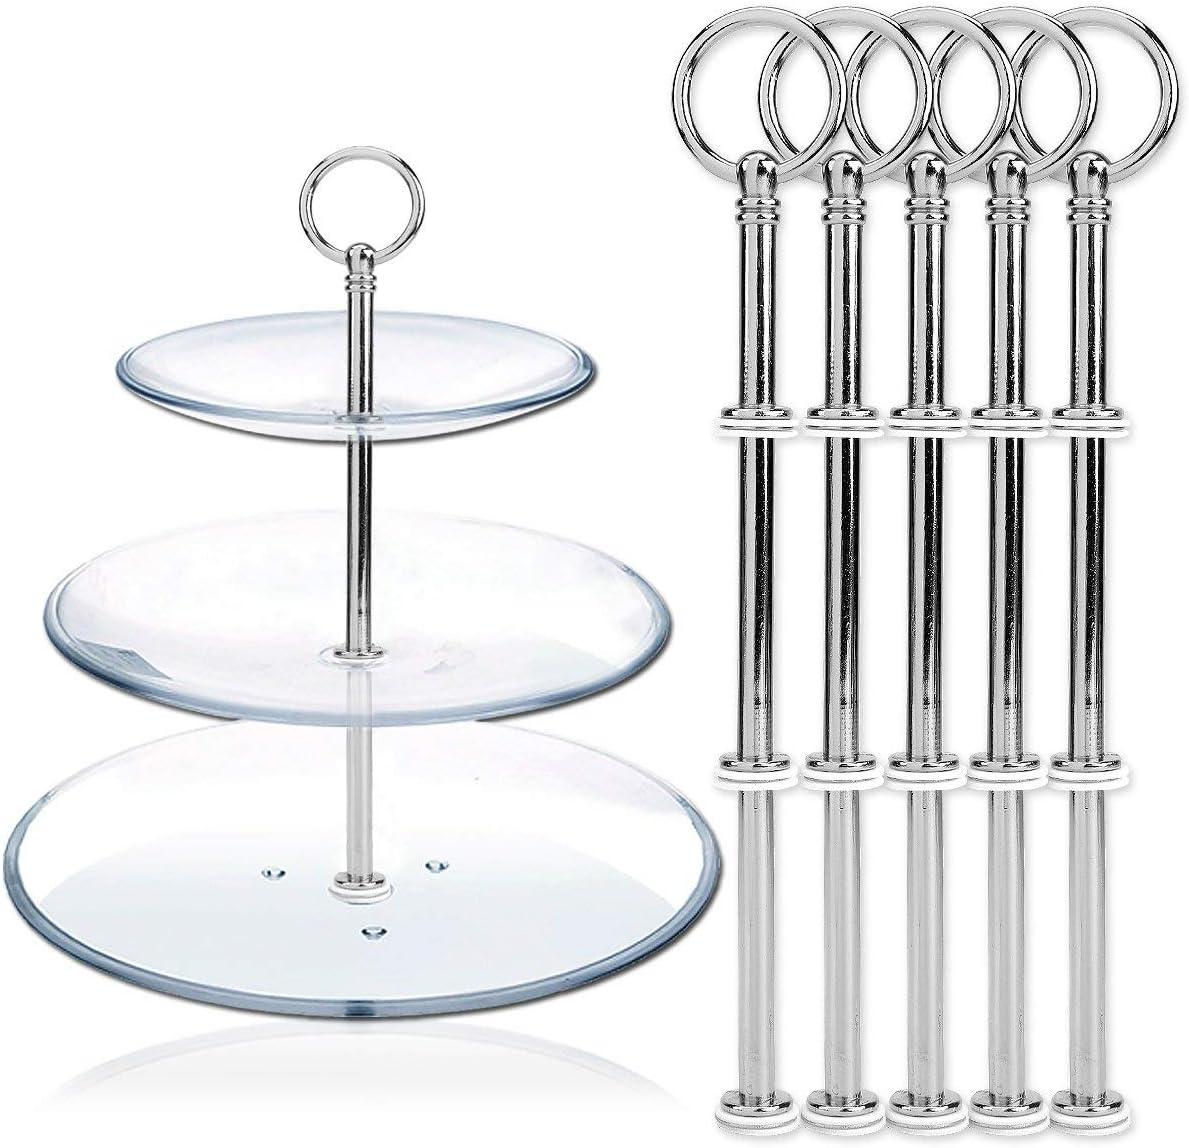 Silber Ruilasago 5 Set Rund Motive Mini Metallstange Mittellochausstech 2 bis 3 Etage Etagere f/ür Hochzeitstorte Tortenst/änder Tortenhalter Torten